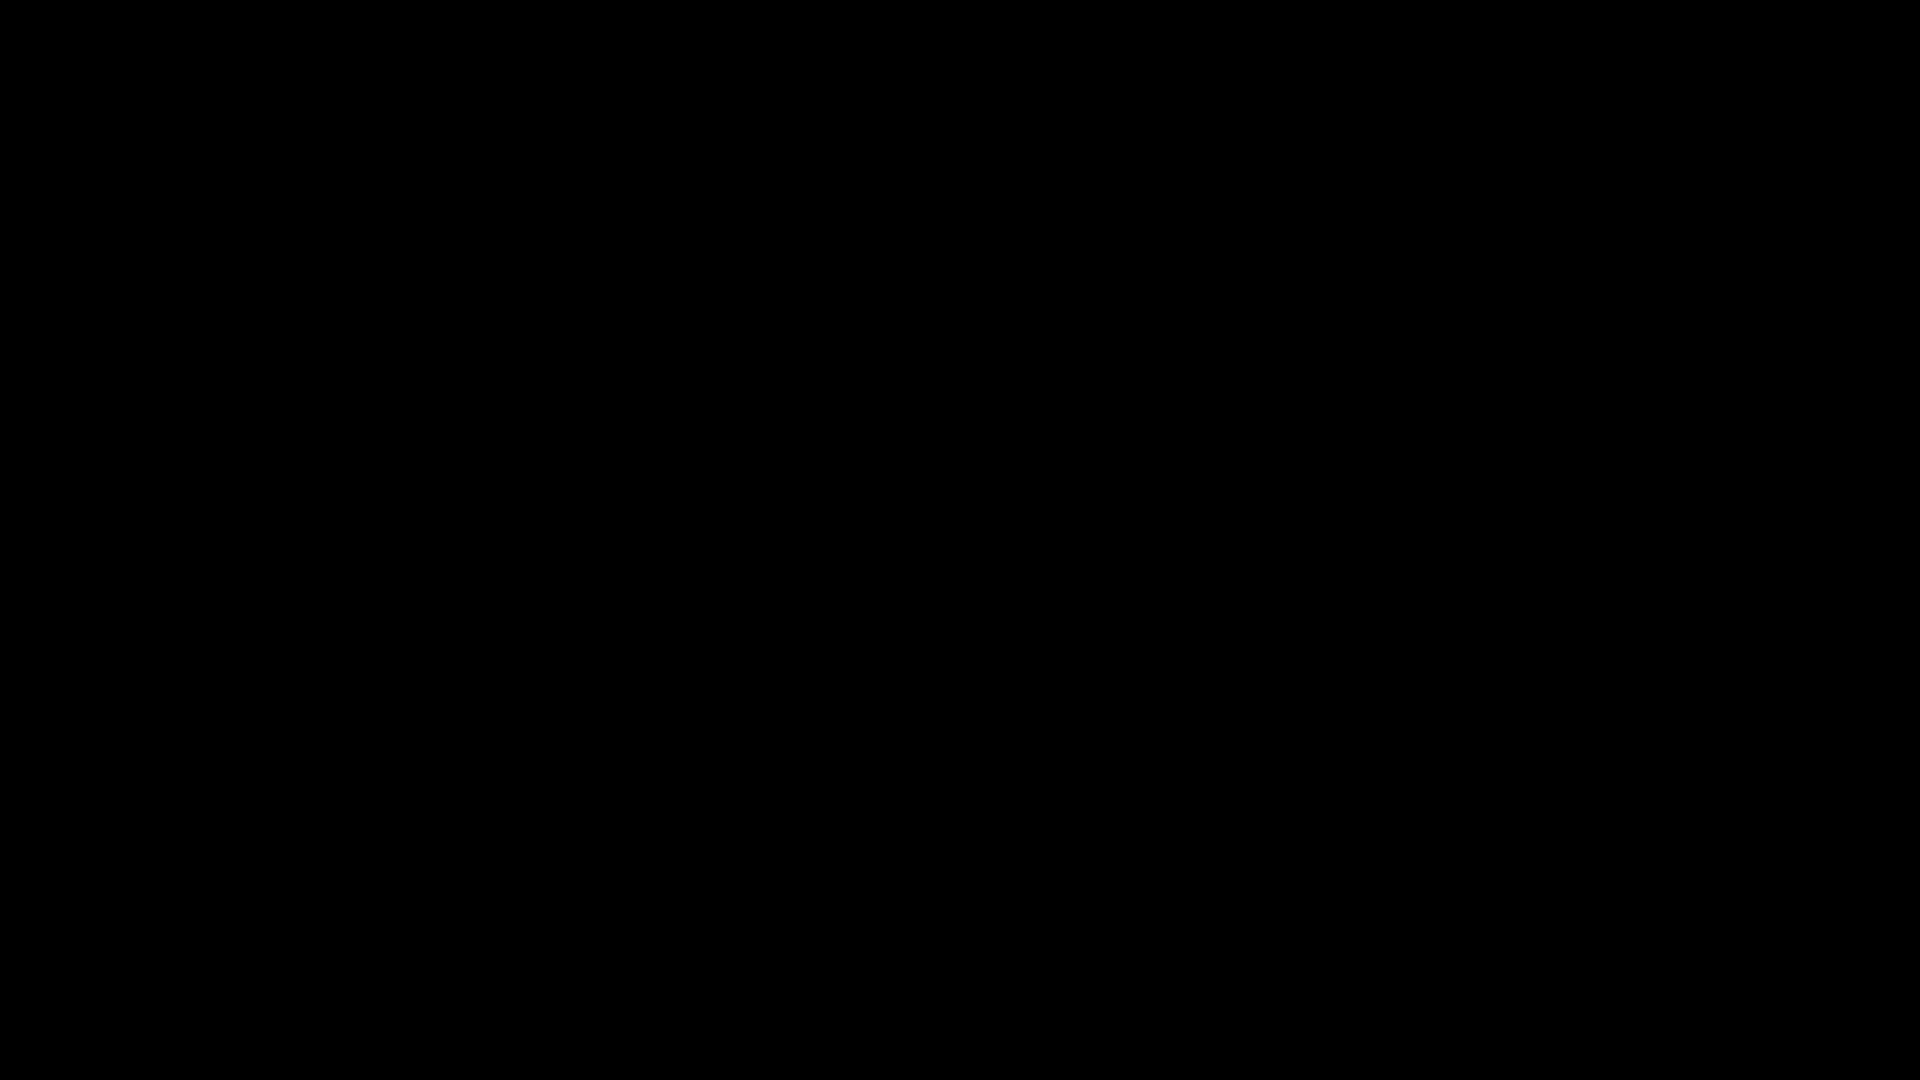 Фото на экран телефона скачать